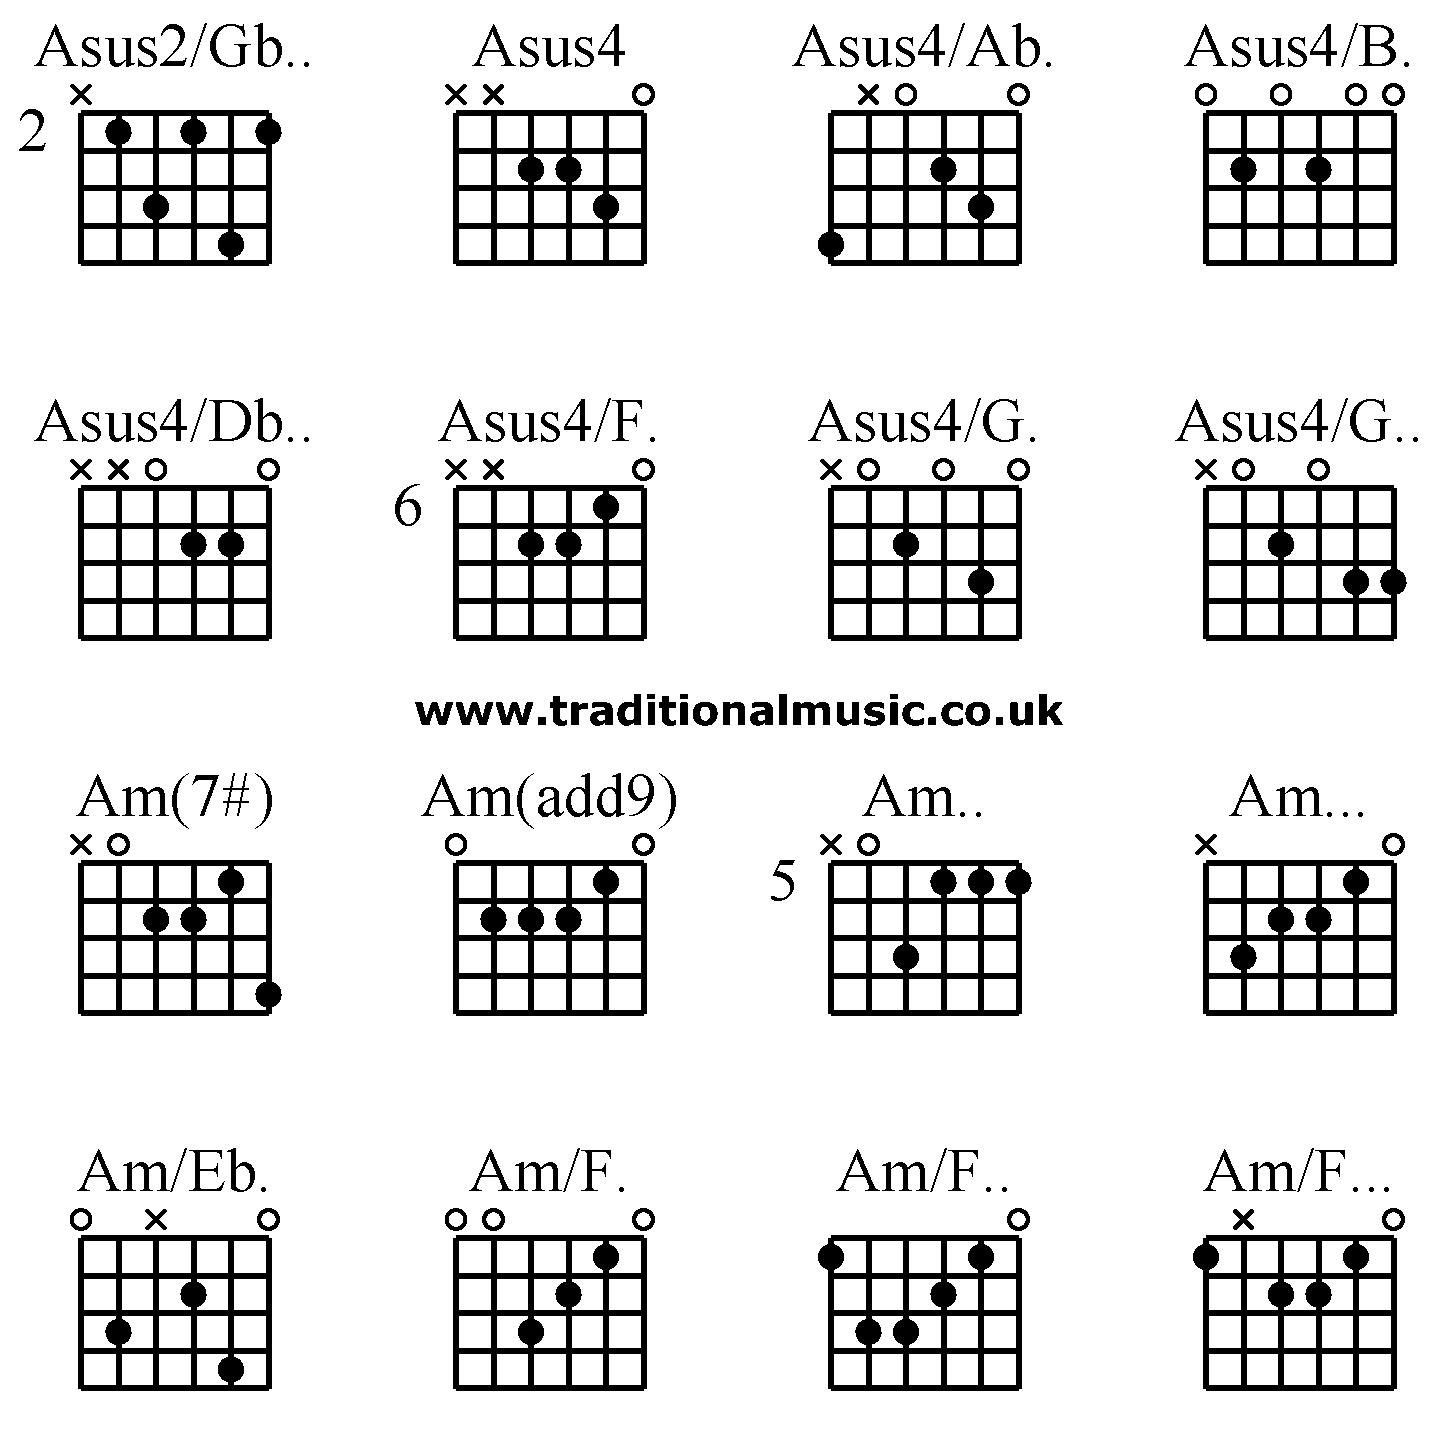 Advanced Guitar Chords Asus2 Gb Asus4 Asus4 Ab Asus4 B